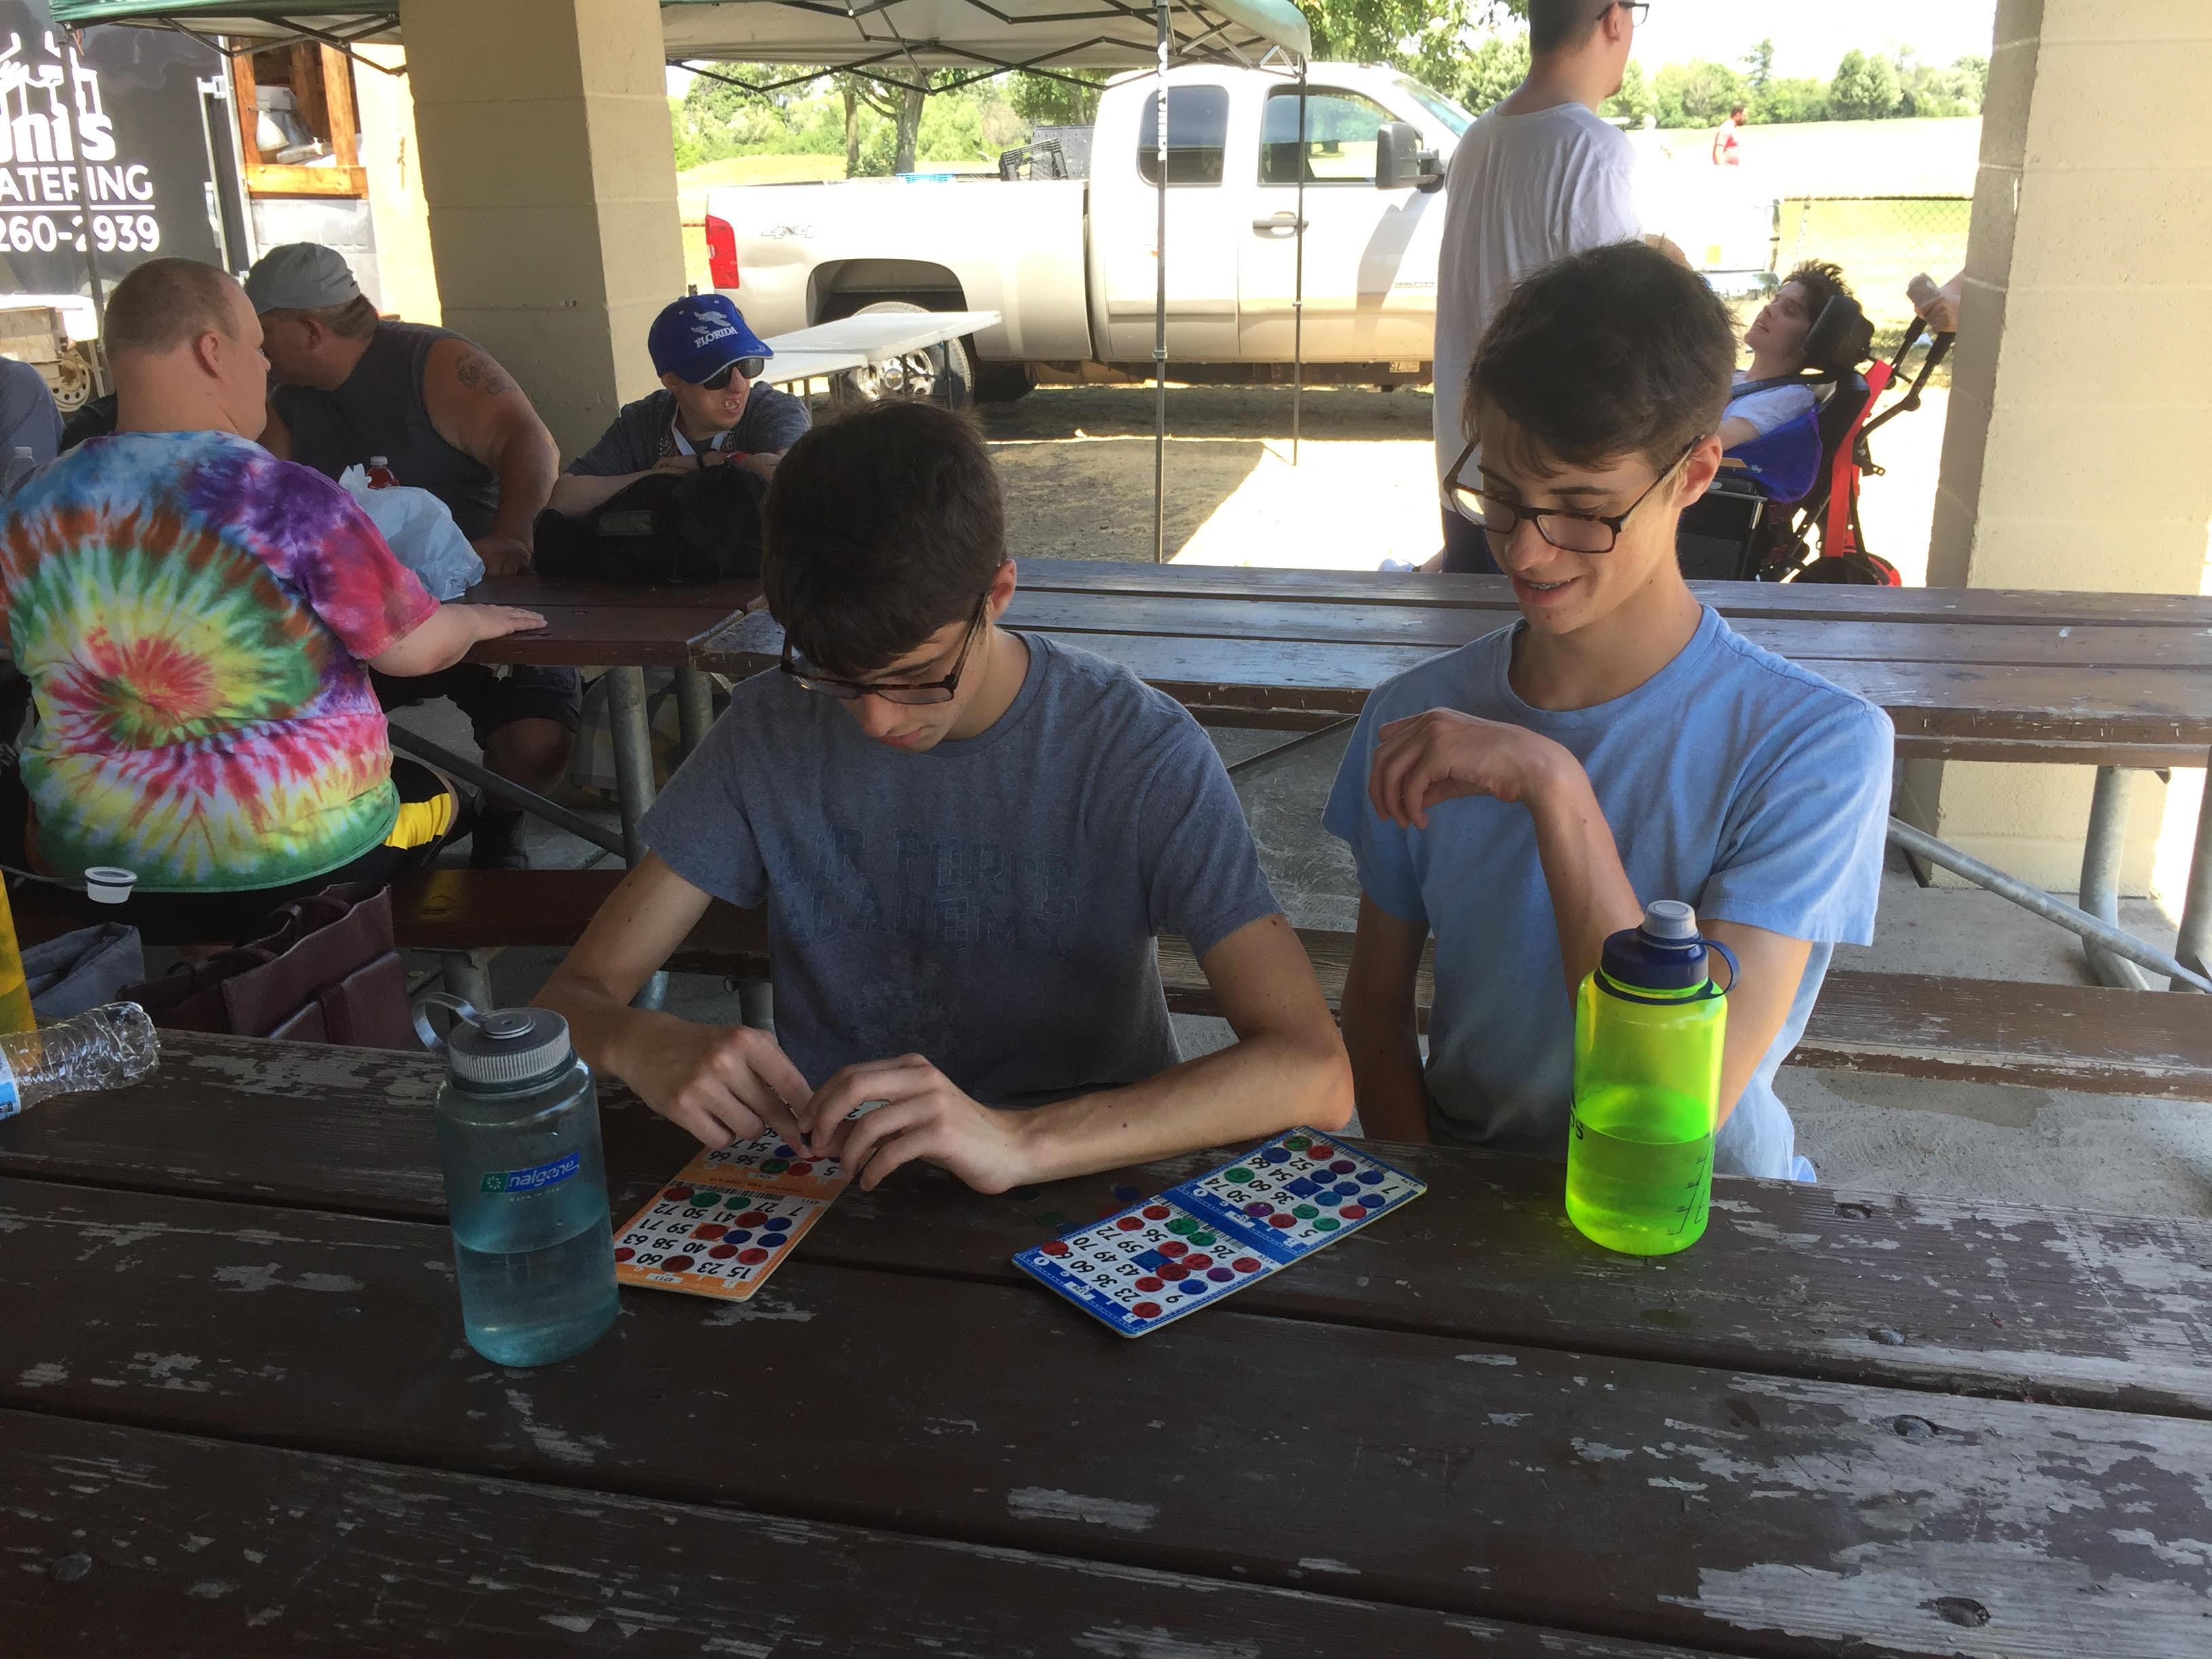 Bingo 6